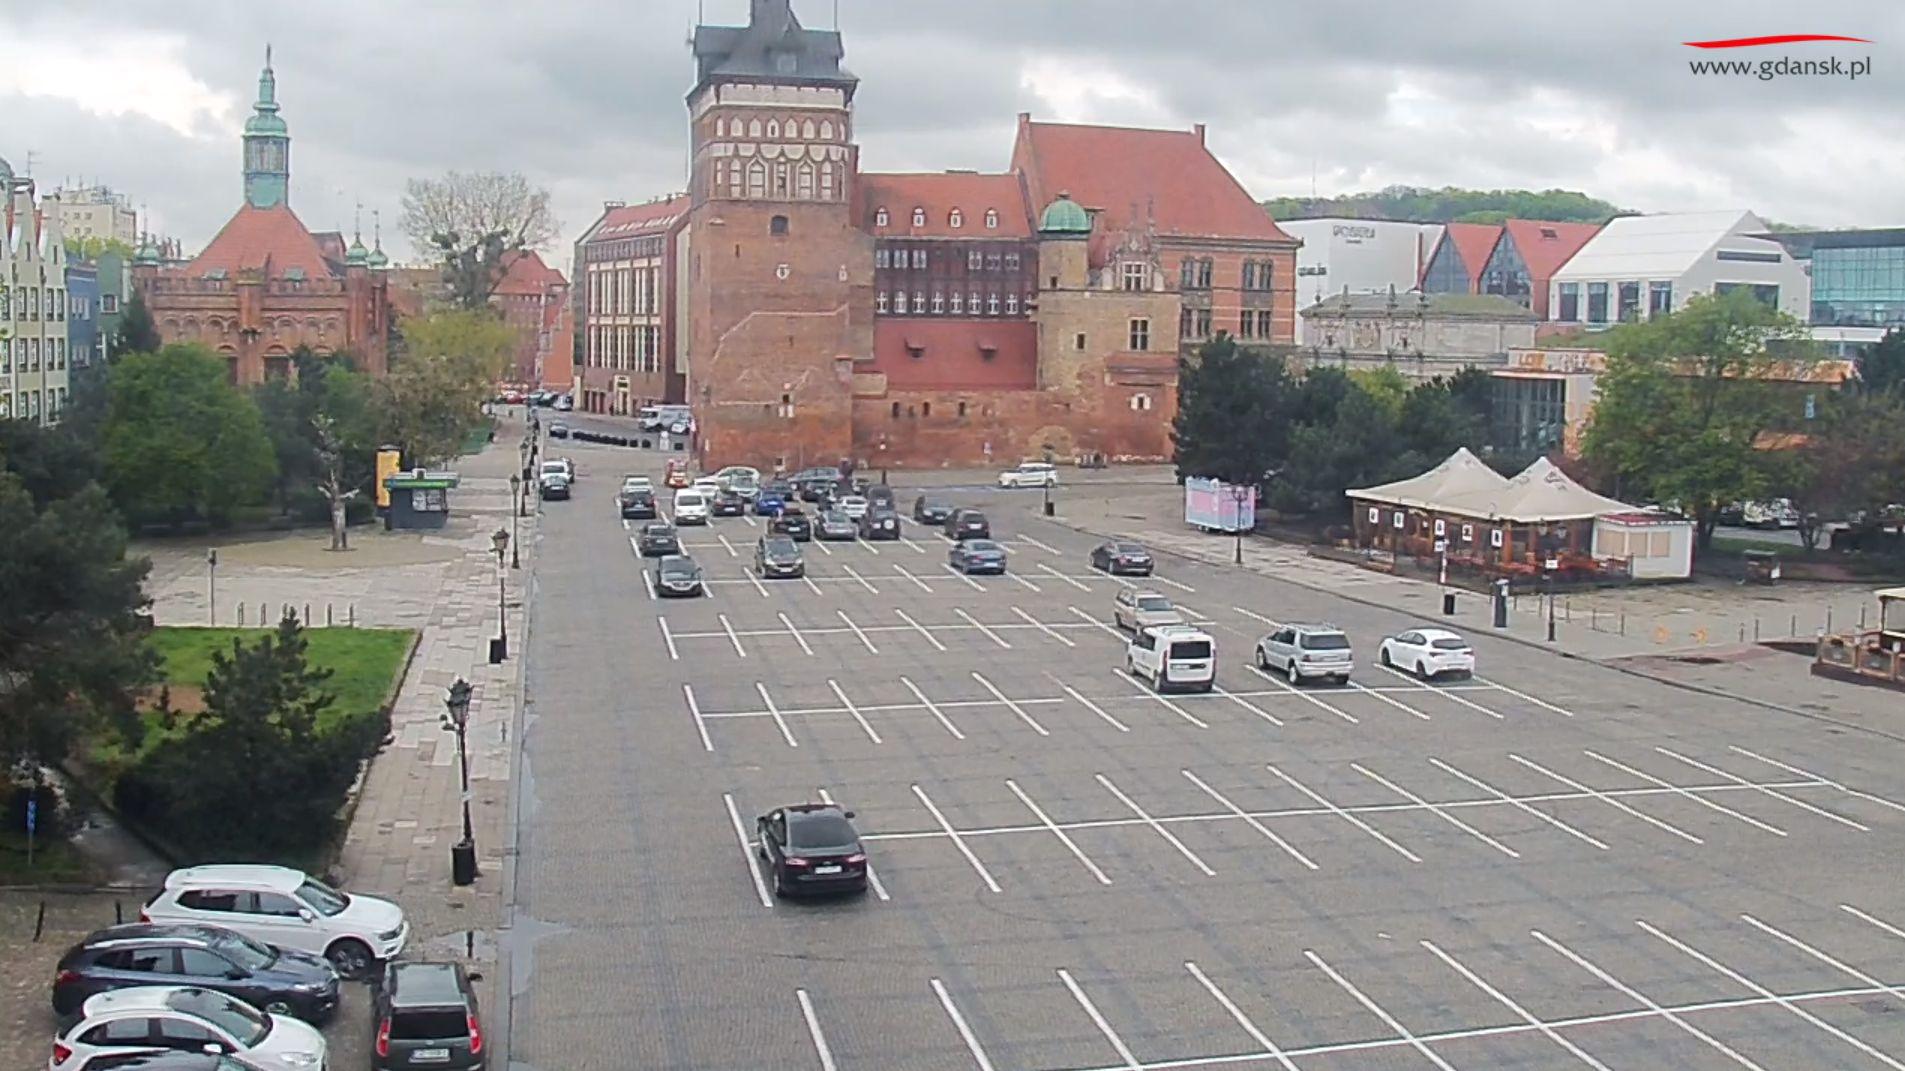 Gdańsk, Targ Węglowy